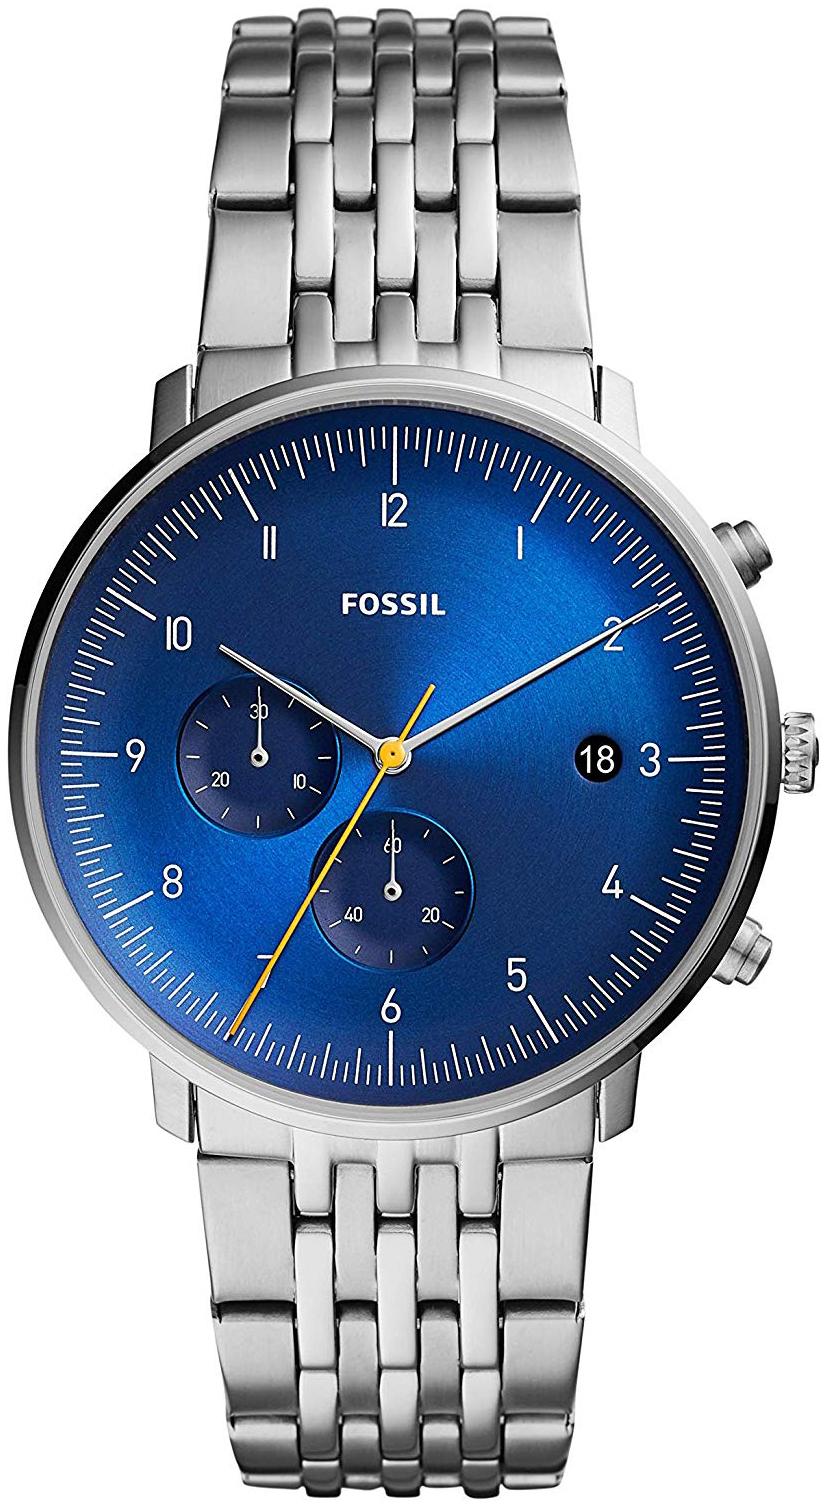 Fossil Chase Timer Herreklokke FS5542 Blå/Stål Ø42 mm - Fossil